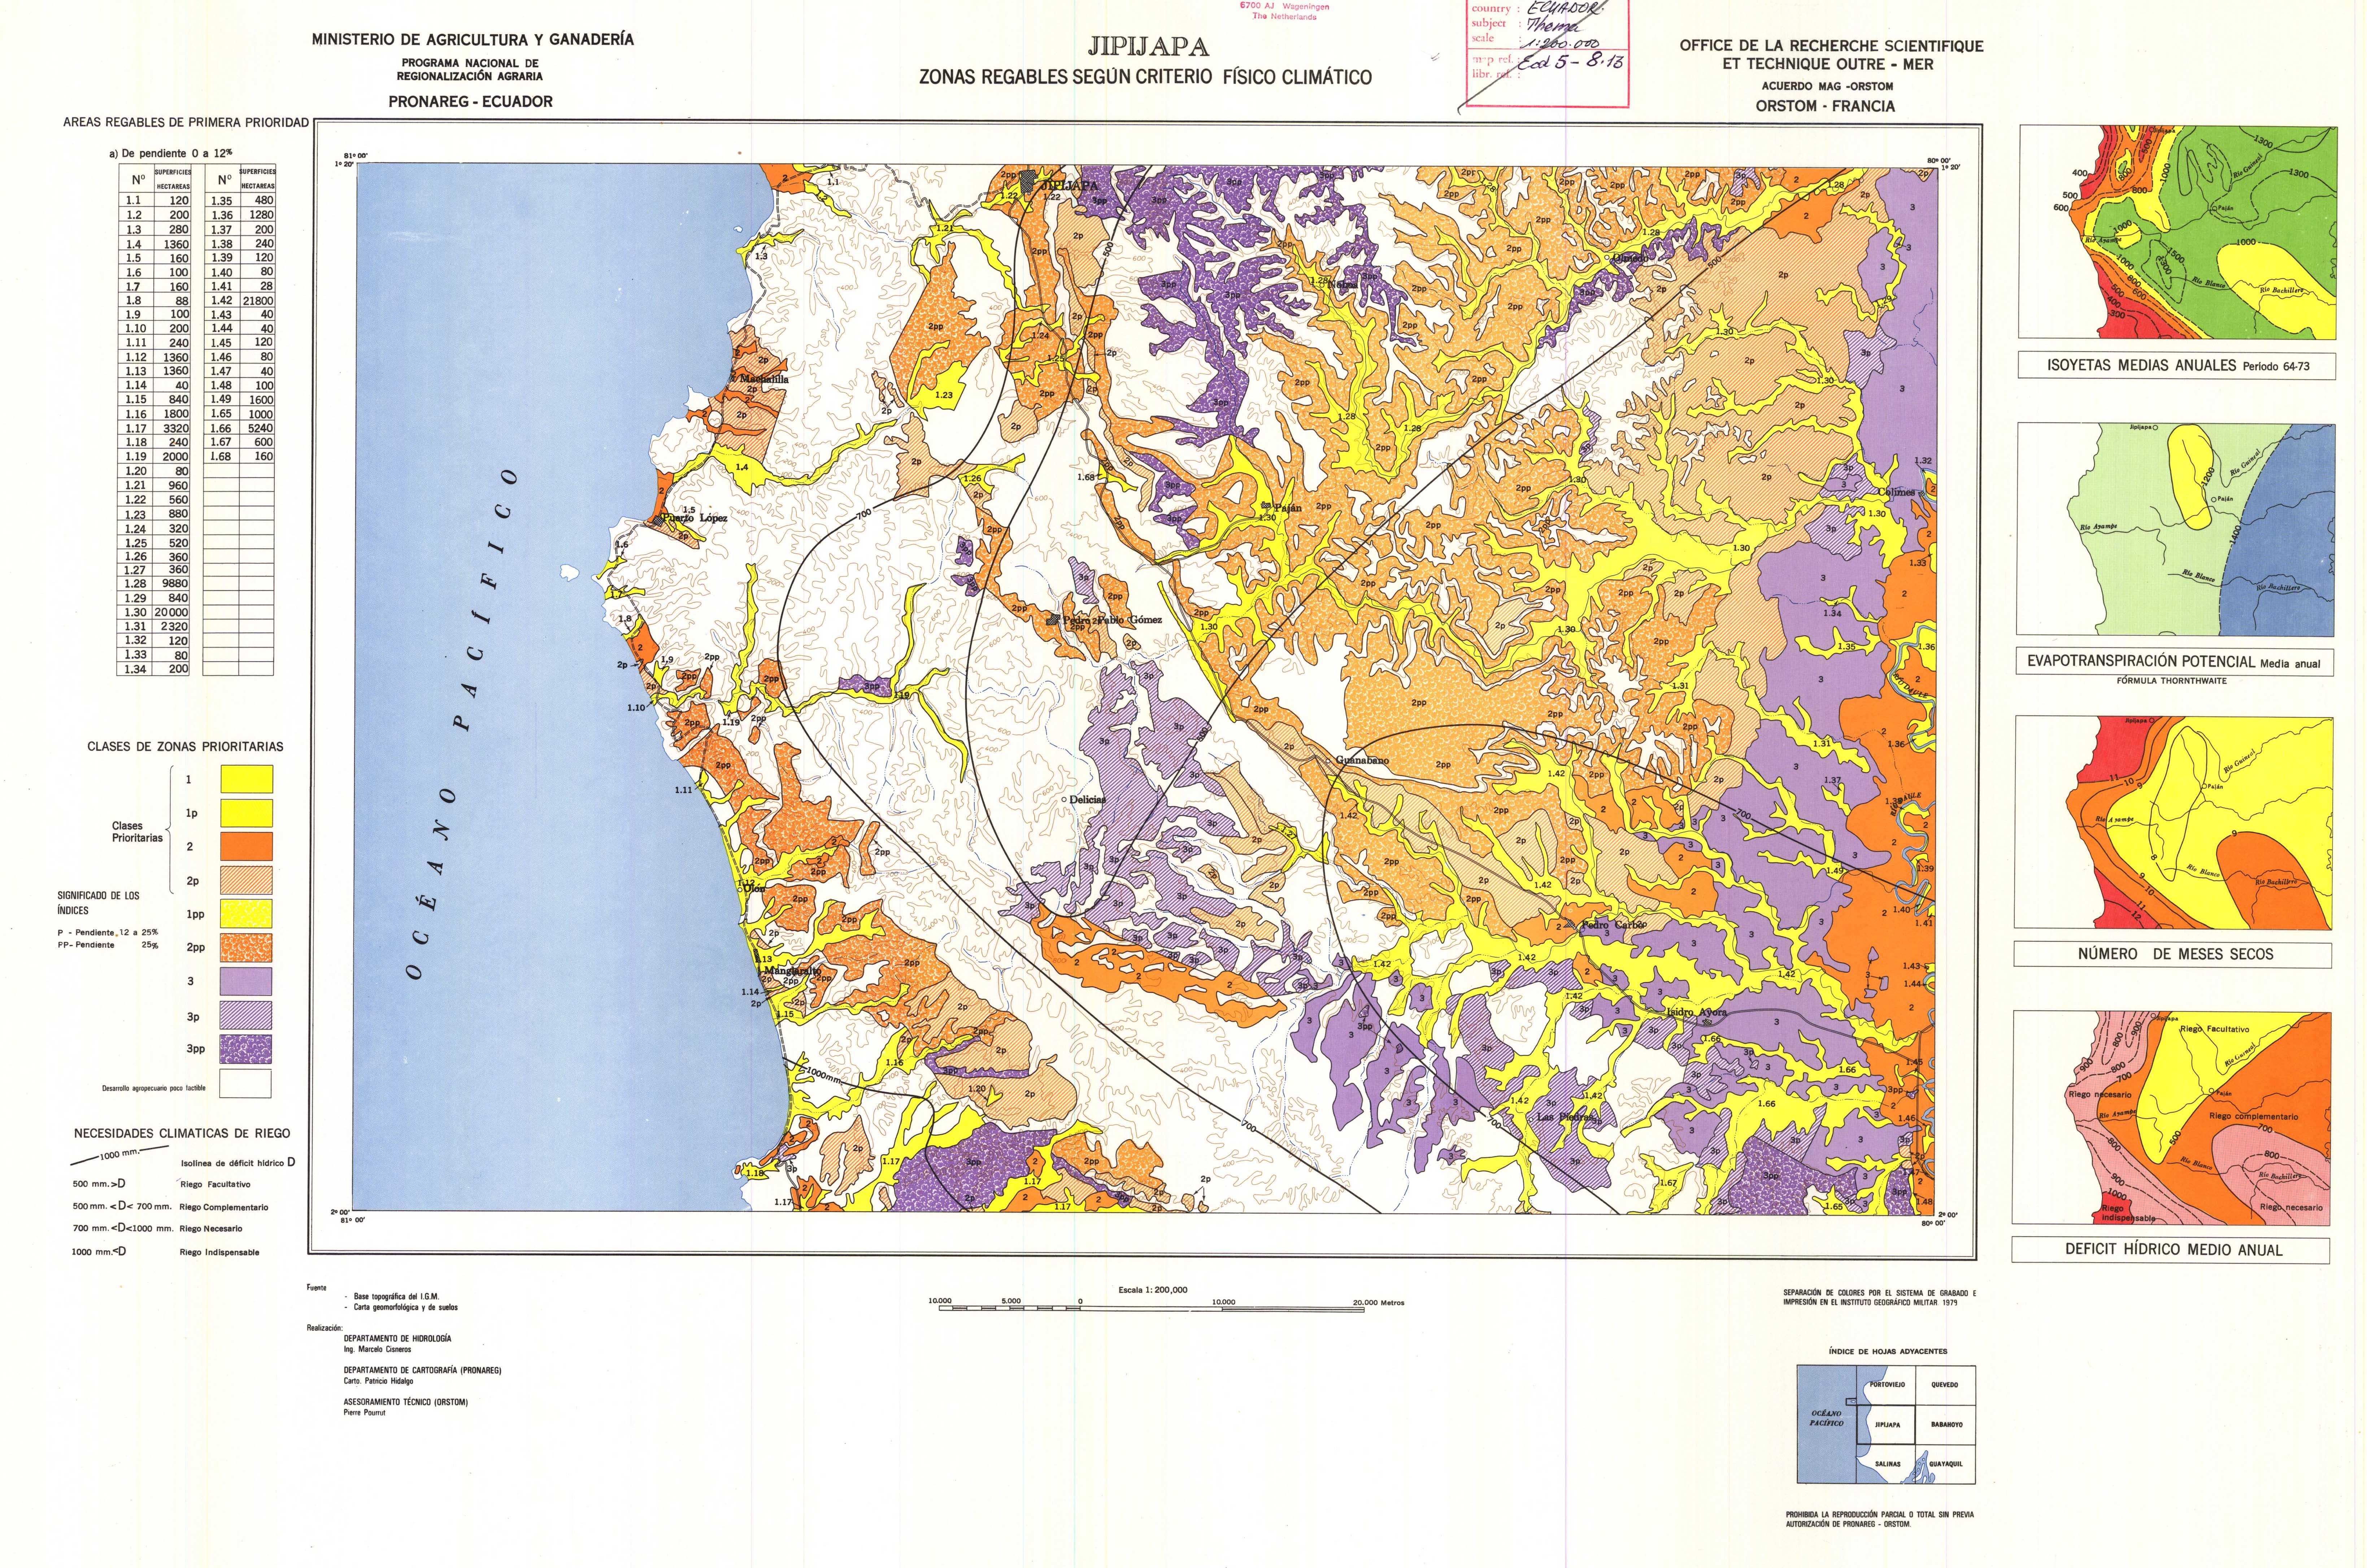 Zonas regables en la región de Jipijapa 1979